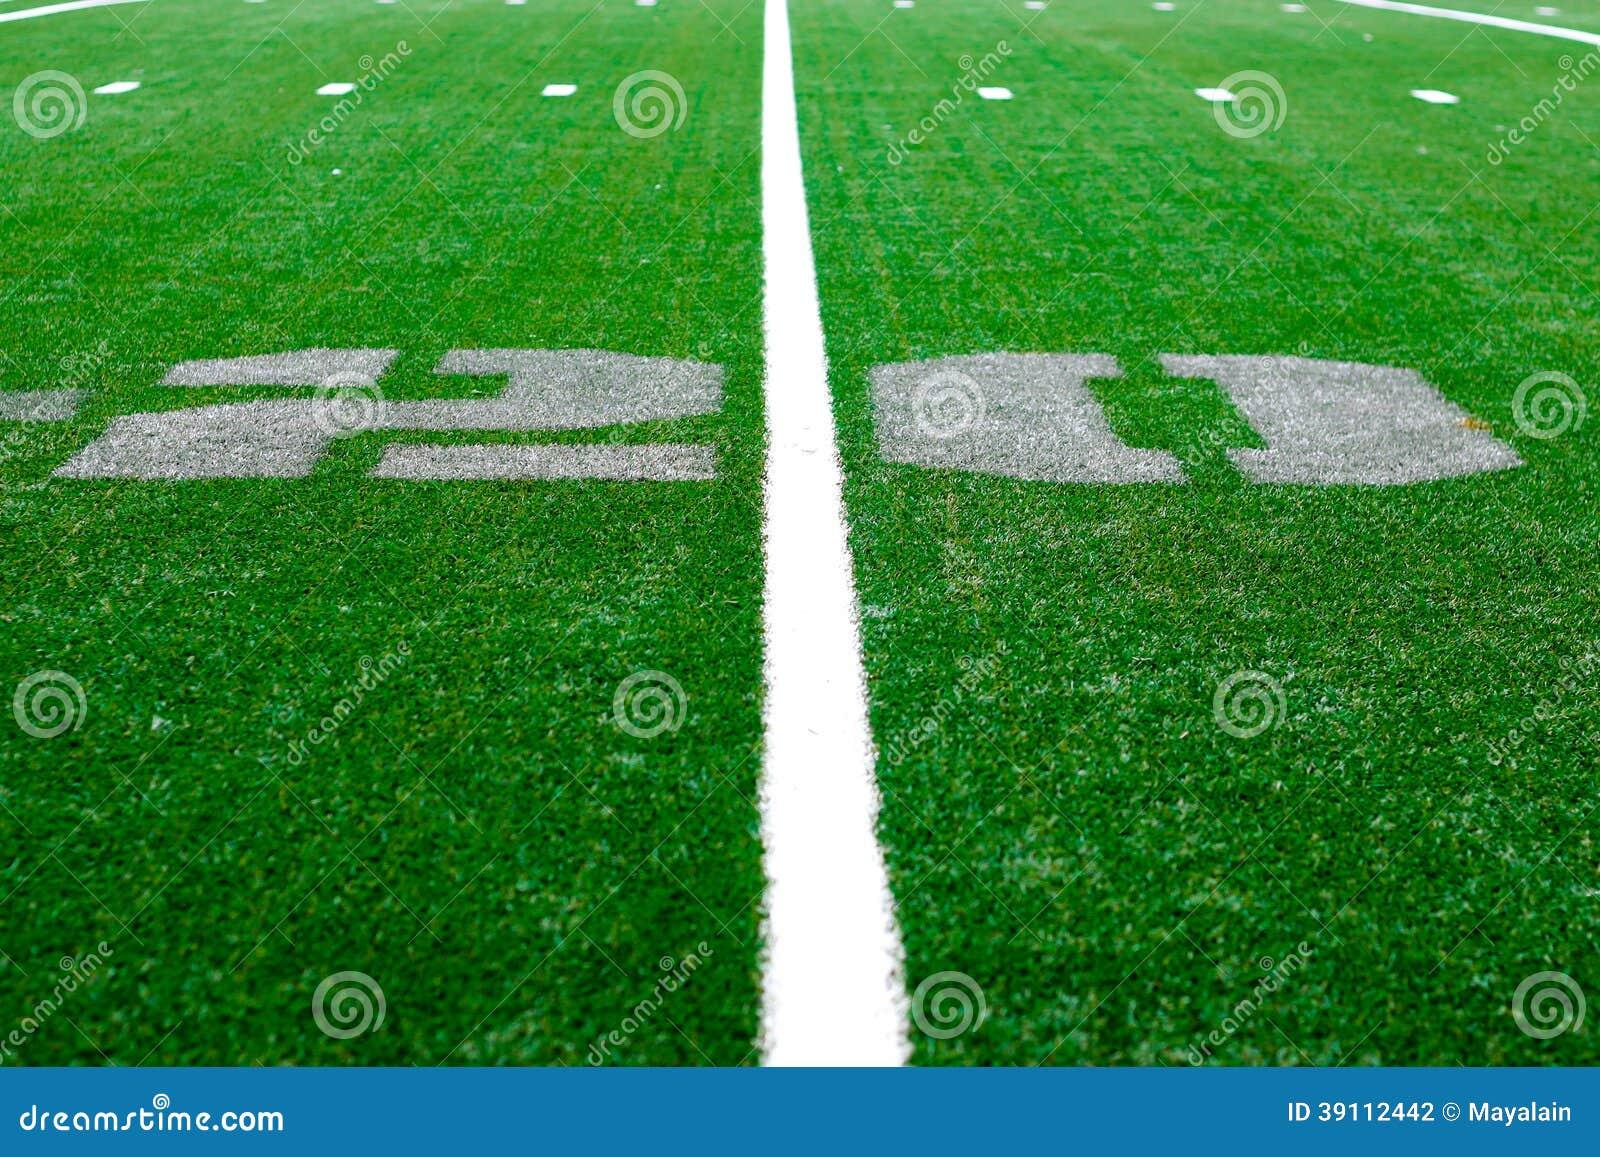 20 yard - Amerikaanse voetbalarena